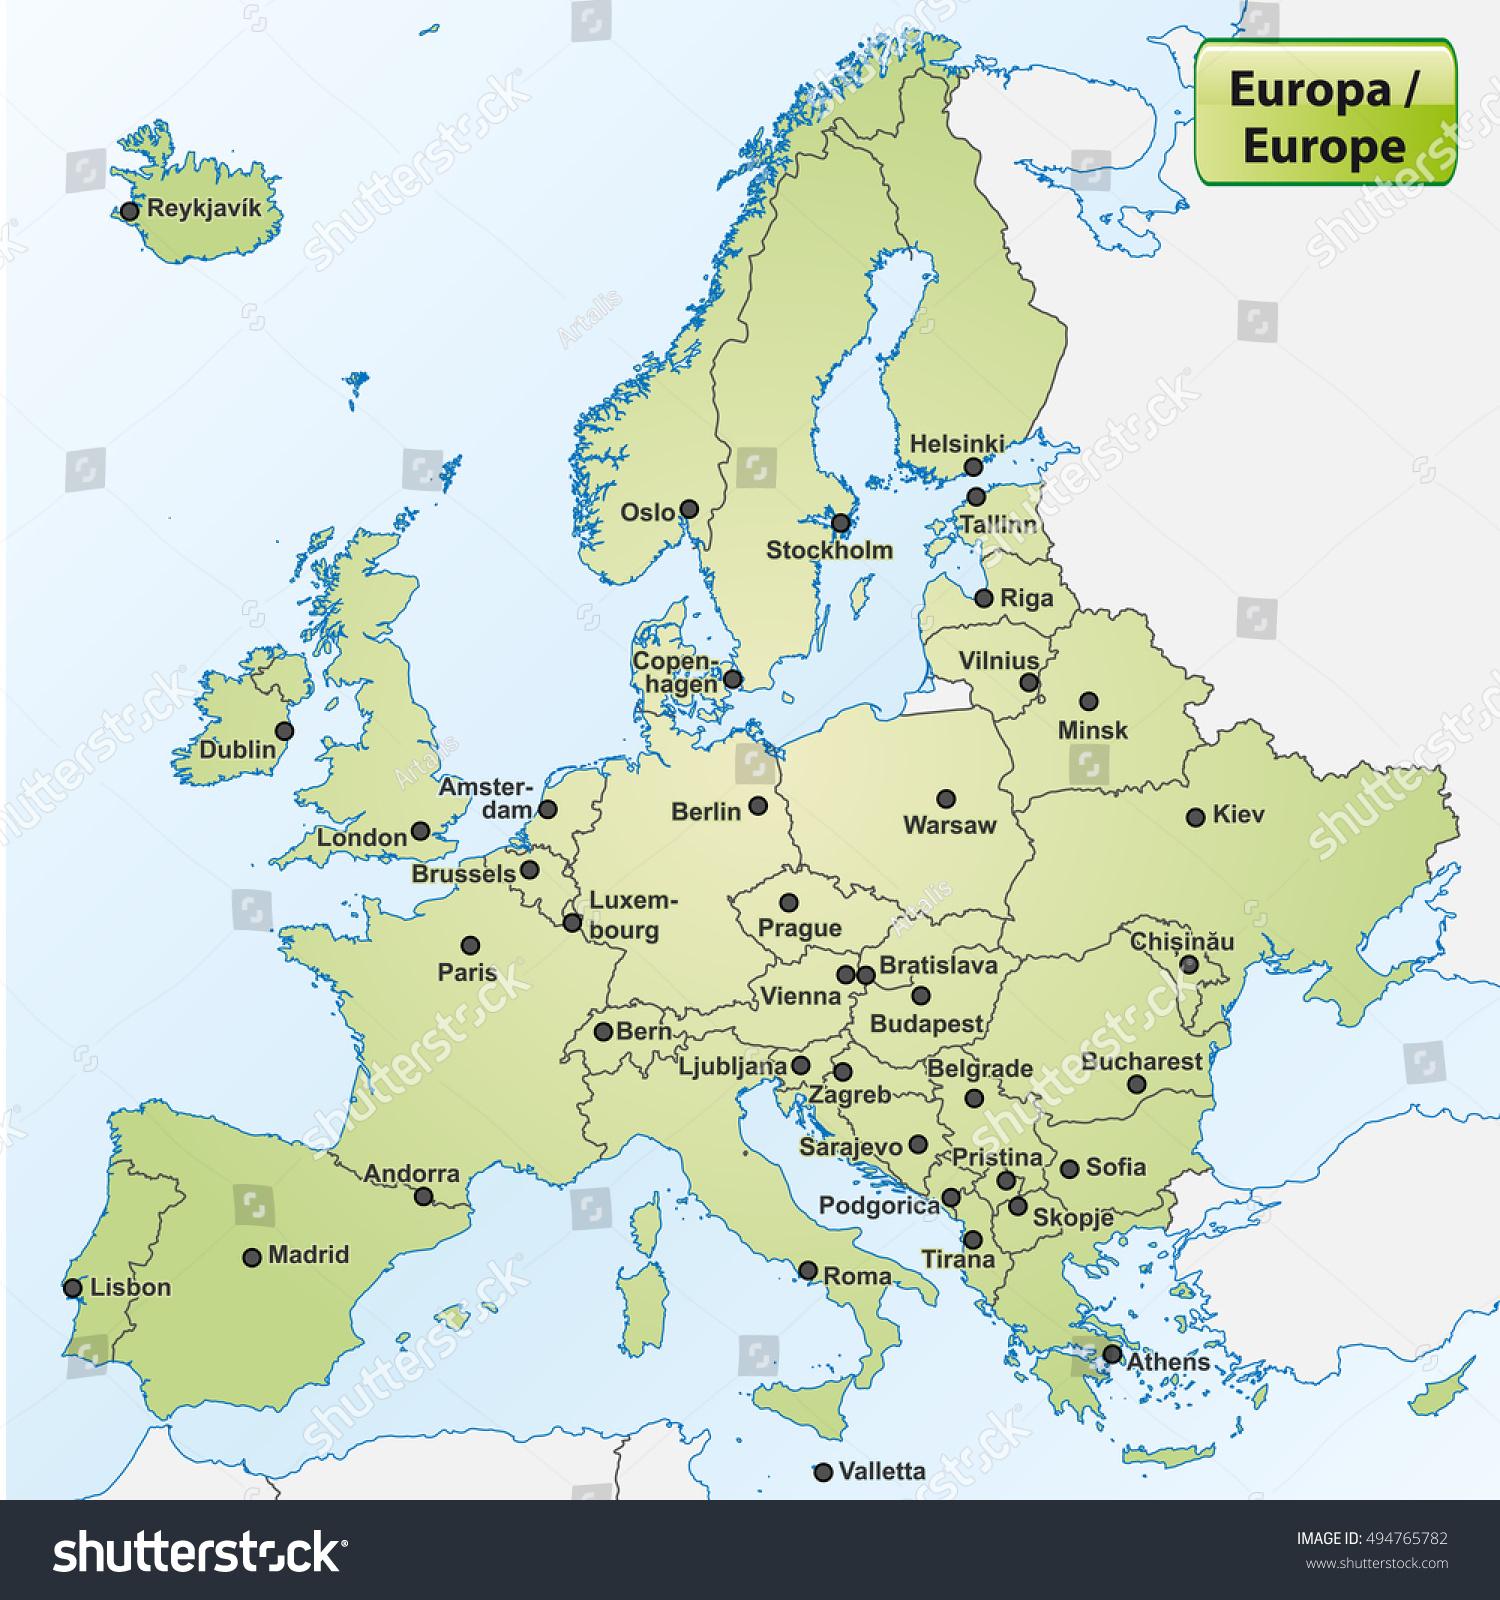 Image Vectorielle De Stock De Carte De L'europe Avec Les avec Carte Europe Avec Capitales